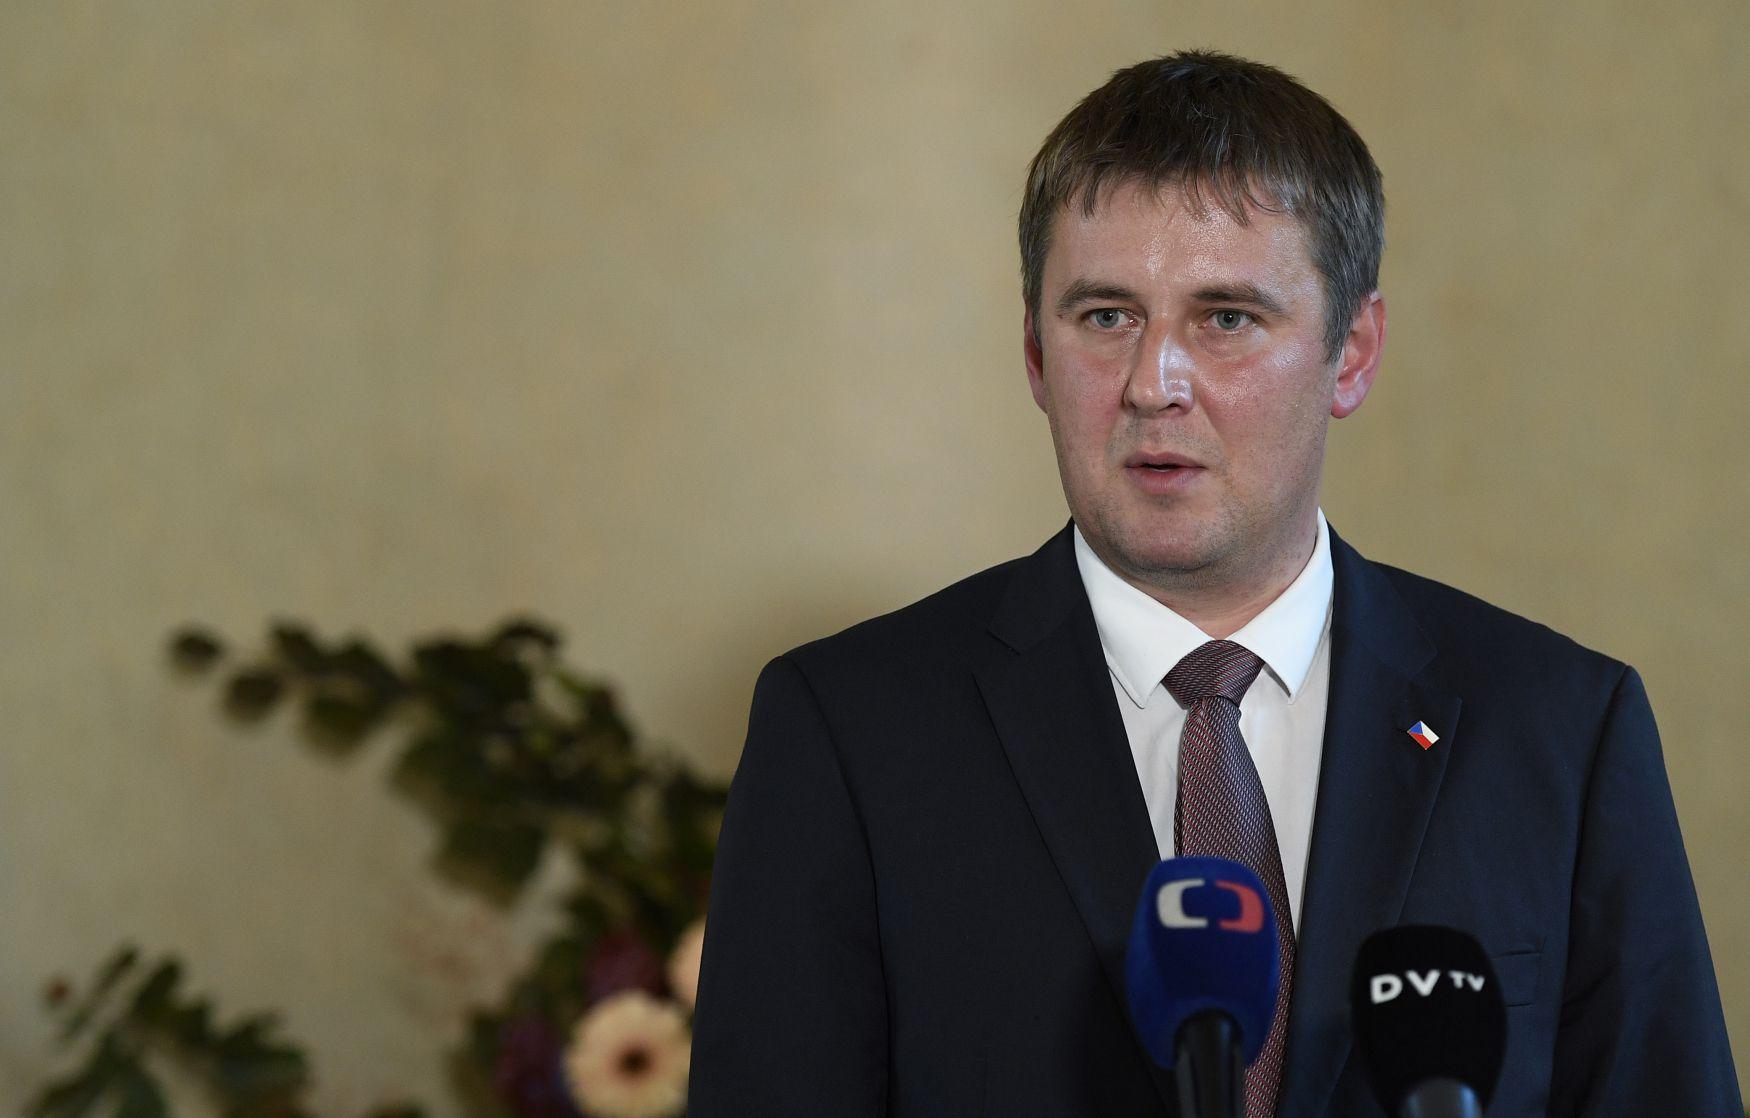 Картинки по запросу Министр иностранных дел чехии